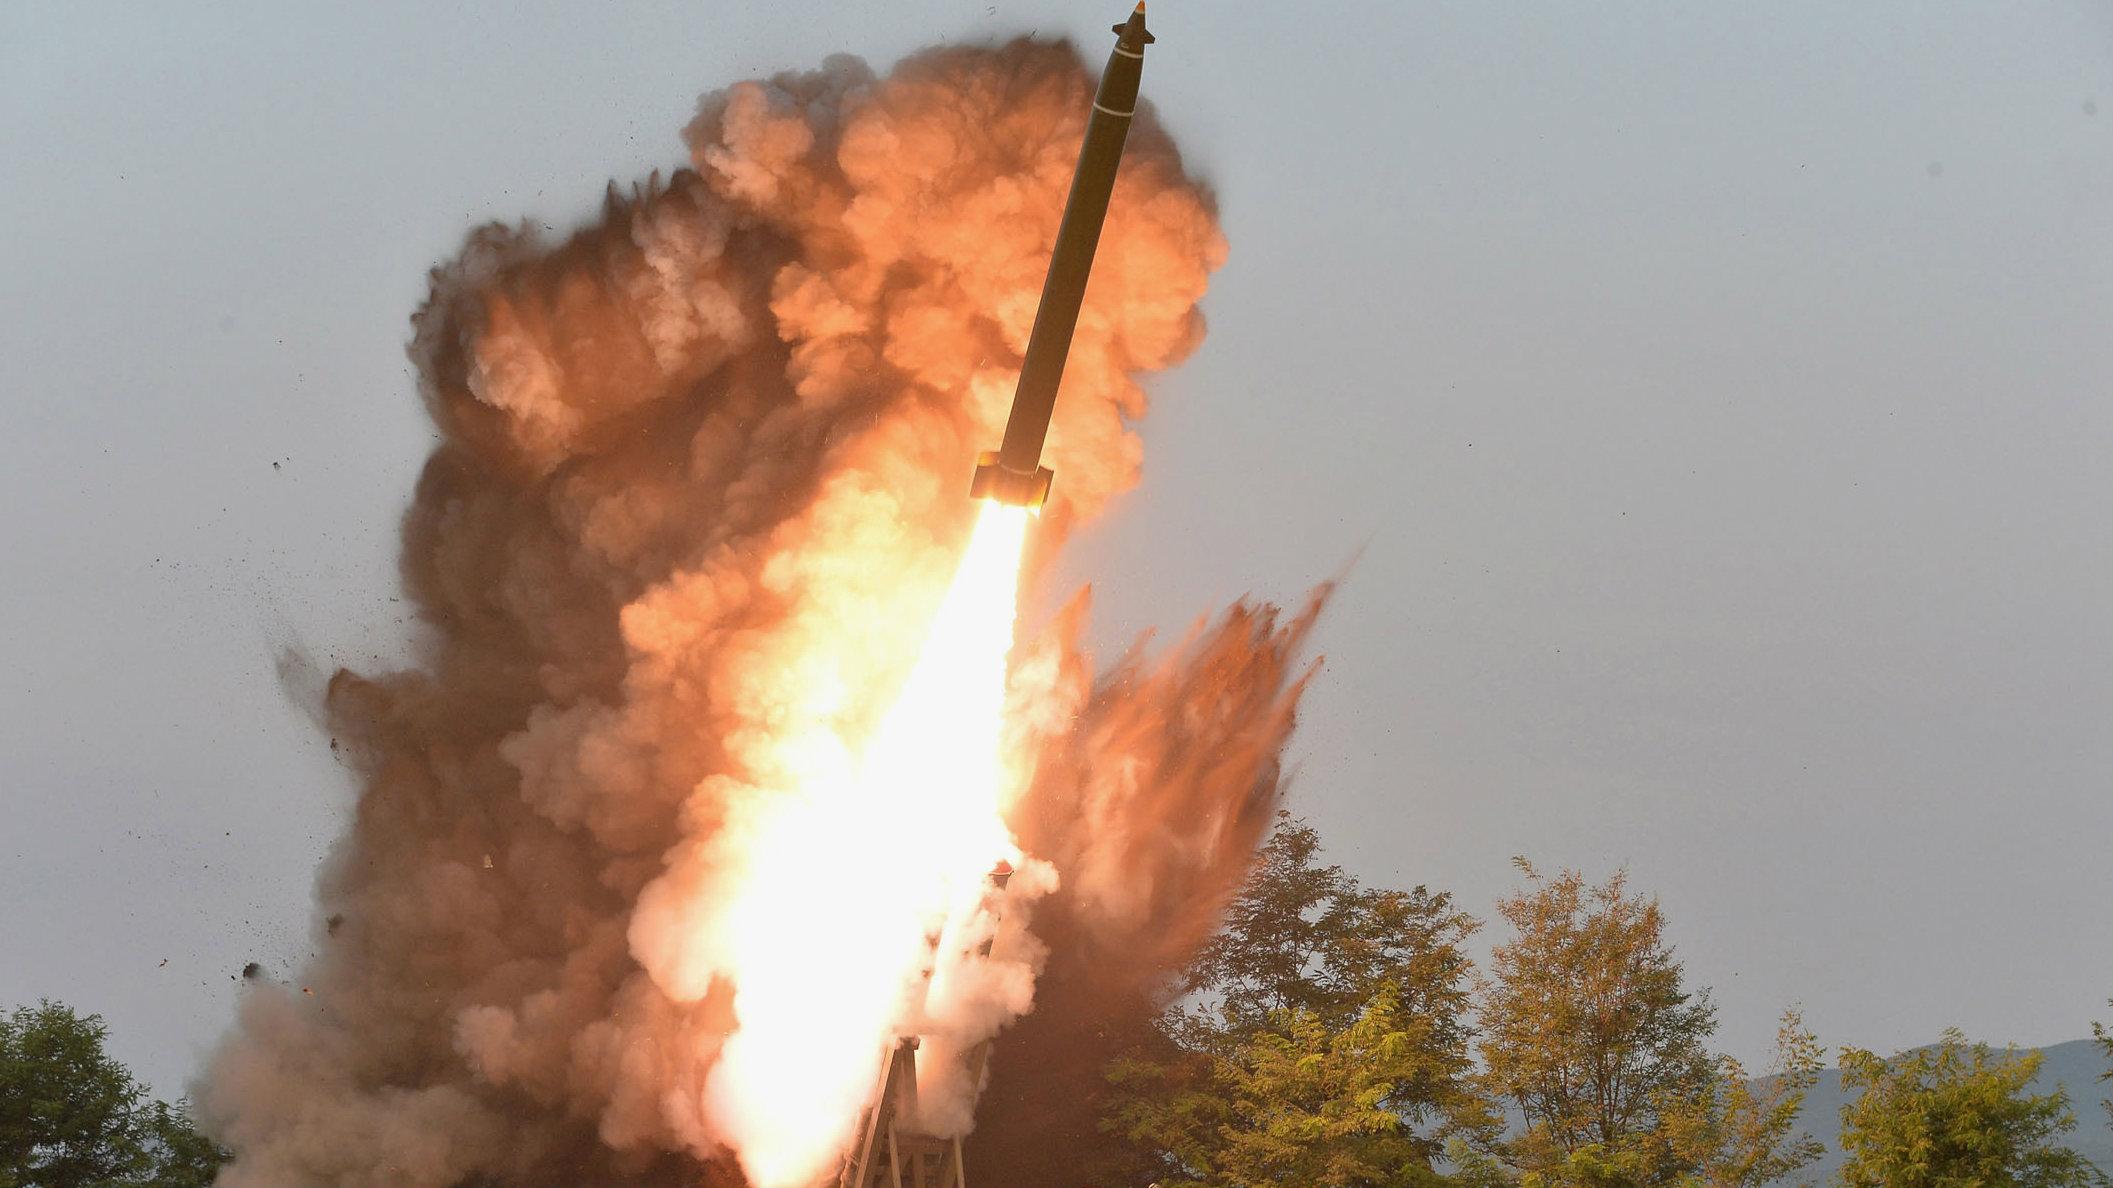 Rakete pale blizu američke baze u Iraku, poginula jedna osoba, osam ranjeno 1